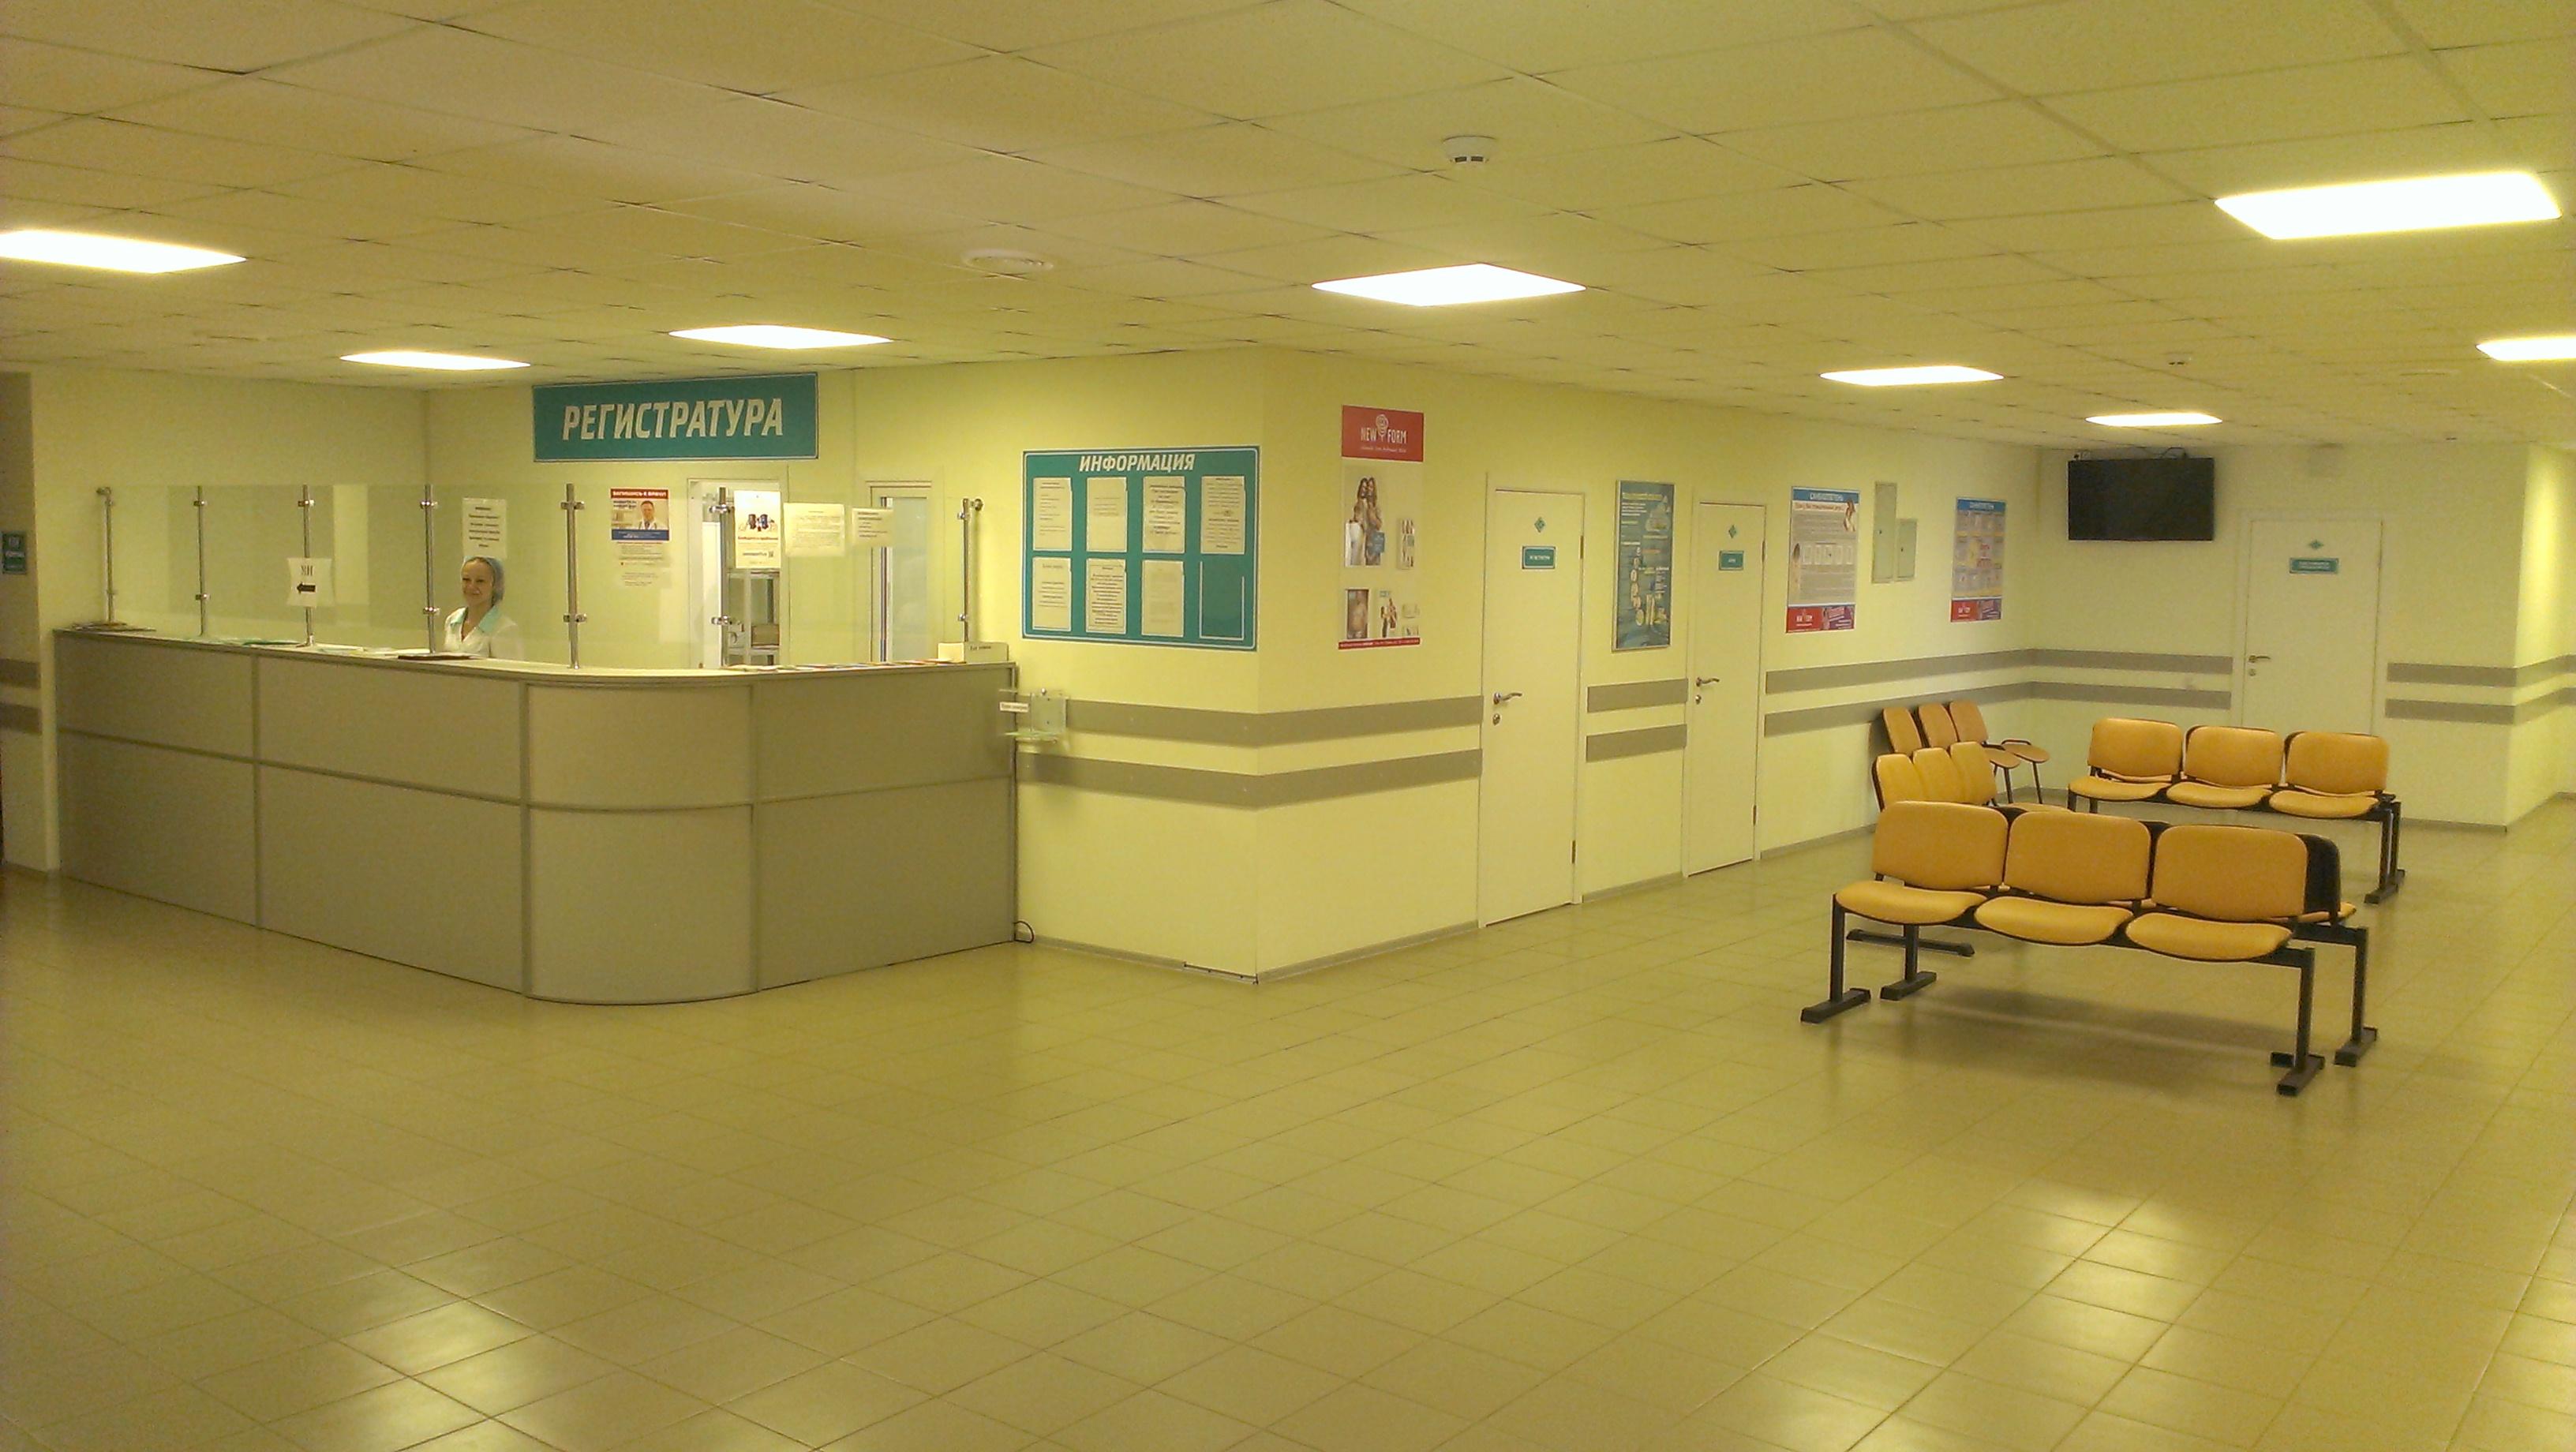 Клиническая больница 31 на улице лобачевского 42